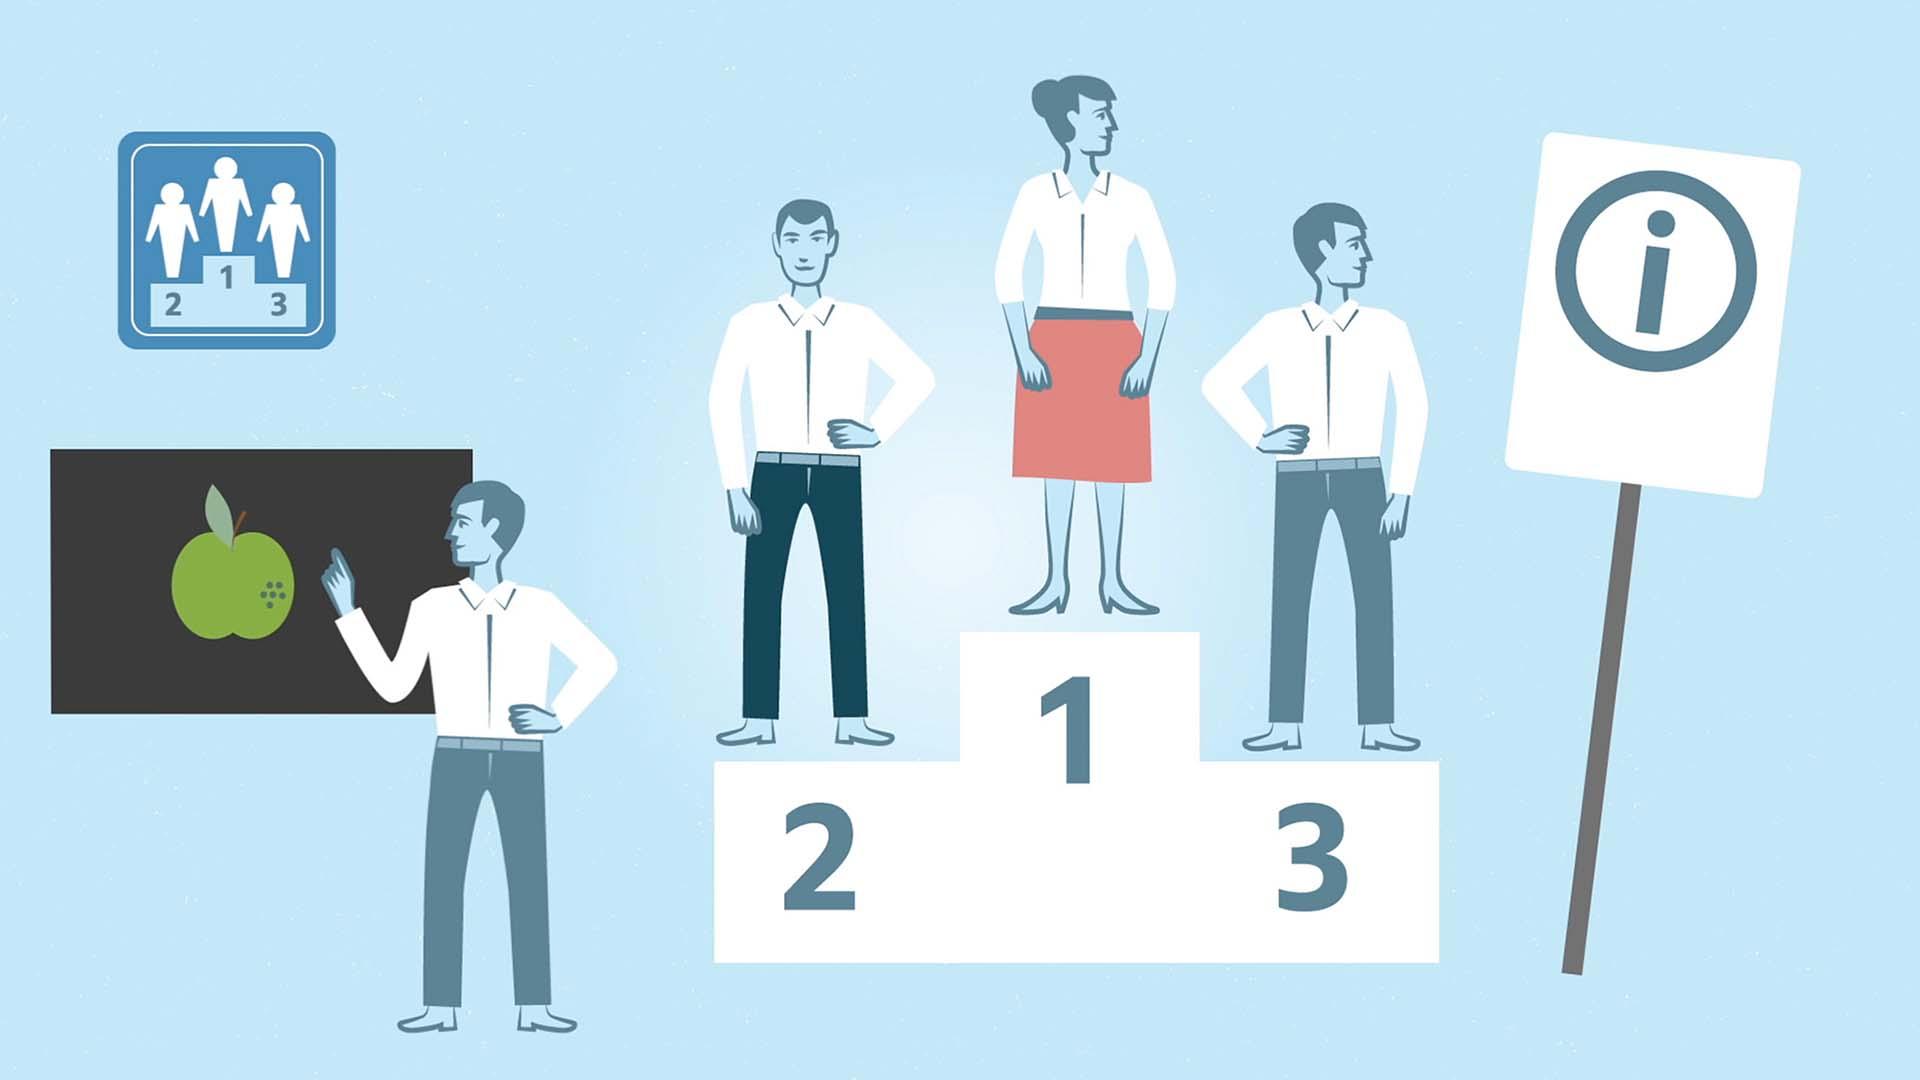 Das Bild zeigt einen Hintergrund in der Farbe blau. Auf ihm sind viele Animationen angebracht. Auf der rechten Seit des Bildes lehnt ein Schild, dieses trägt ein runden Kreis mit einem innenliegenden i auf sich. Daneben steht eine kleine Tribüne. Auf dieser stehen auf den Plätzen 2 und 3 Männer. Auf dem Platz 1 steht eine Frau. Neben der Tribüne auf der linken Seite steht ein Mann vor einer Tafel. Auf dieser Tafel ist ein grüner Apfel zu sehen. Über der Tafel hängt ein Bild mit einer Tribüne auf der drei Menschen stehen. Das Bild dient als Sliderbild für den Portfolioeintrag MEDISinn Erklärfilm von Panda Pictures.